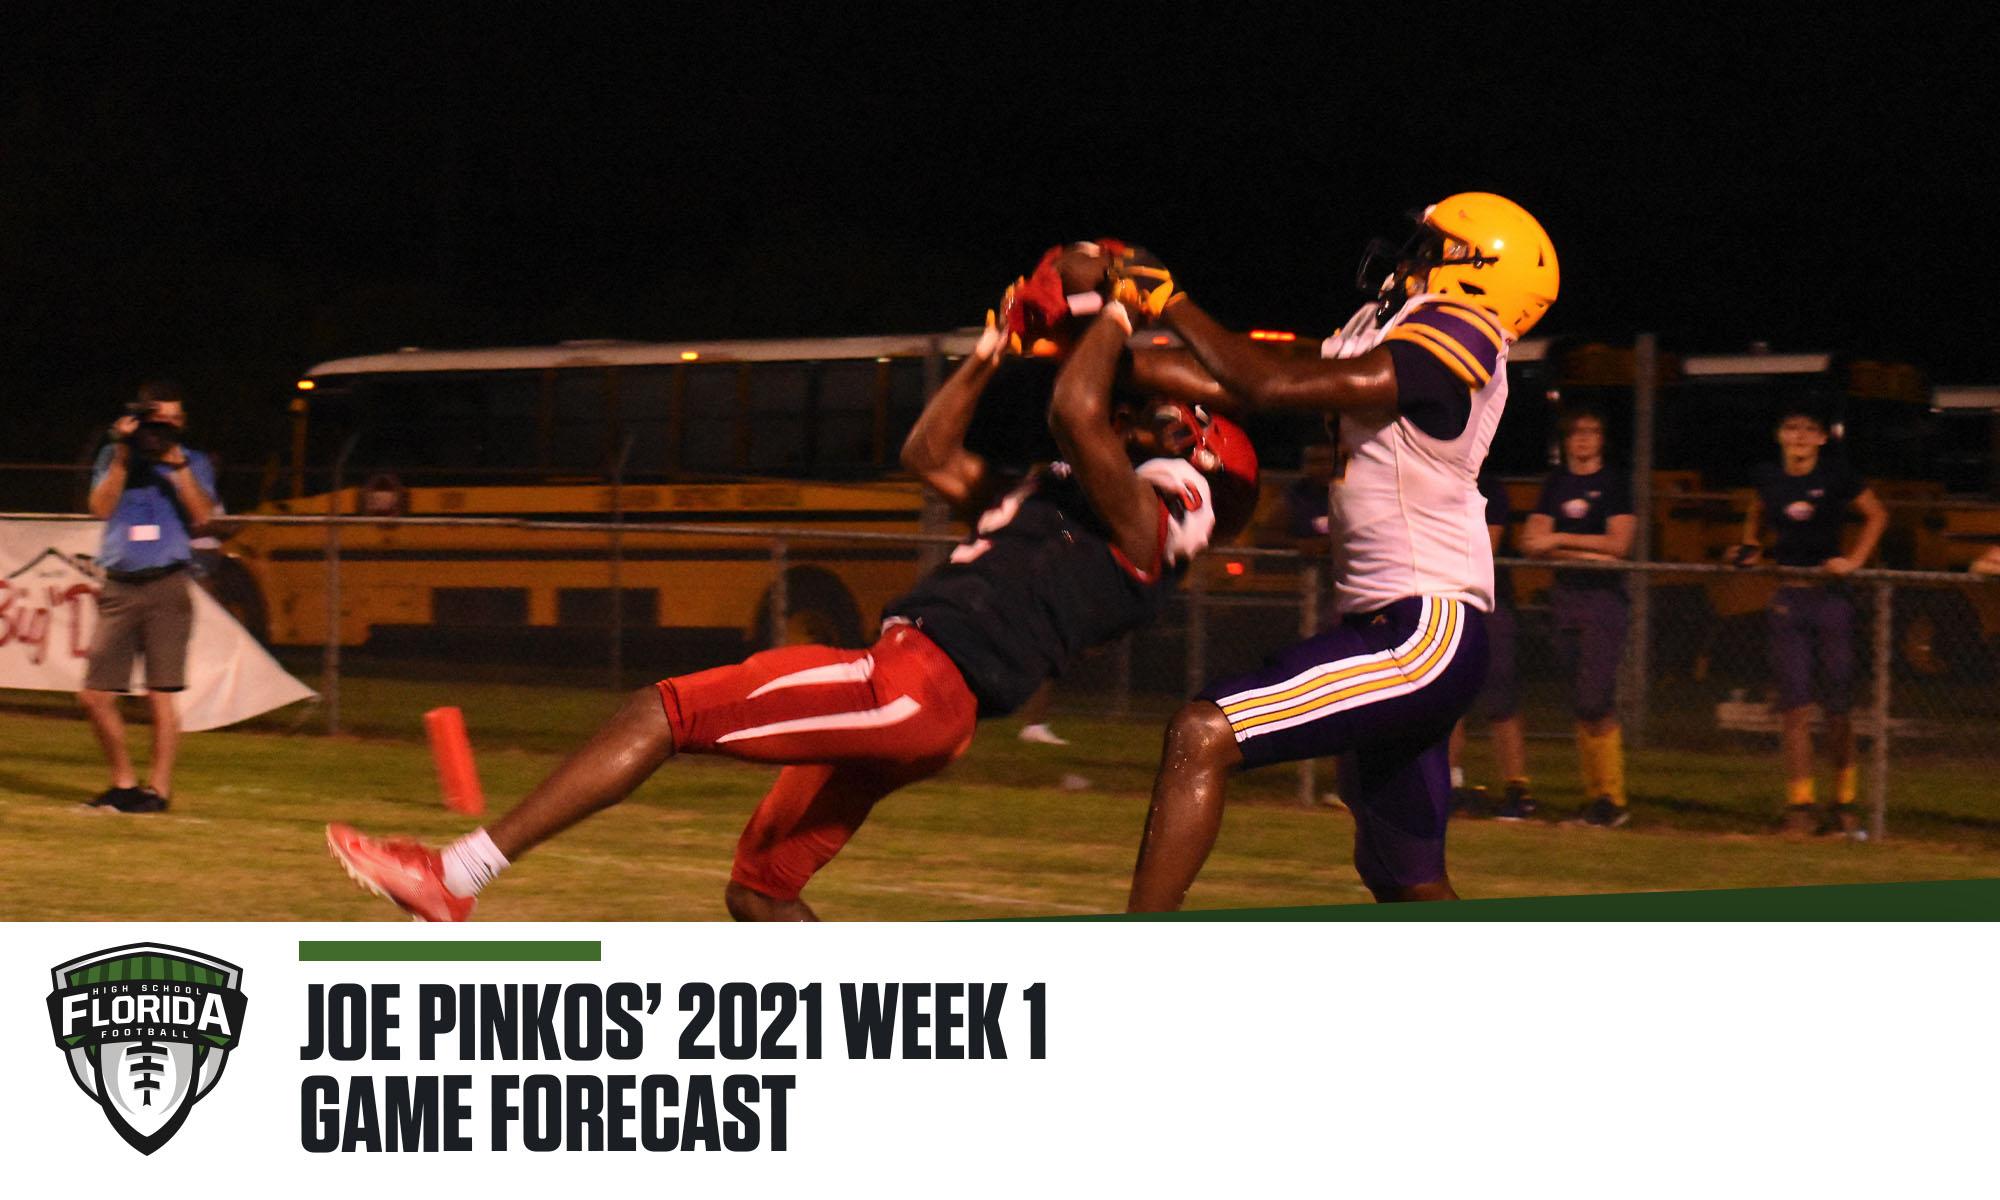 Joe PInkos Week 1 Game Forecast.